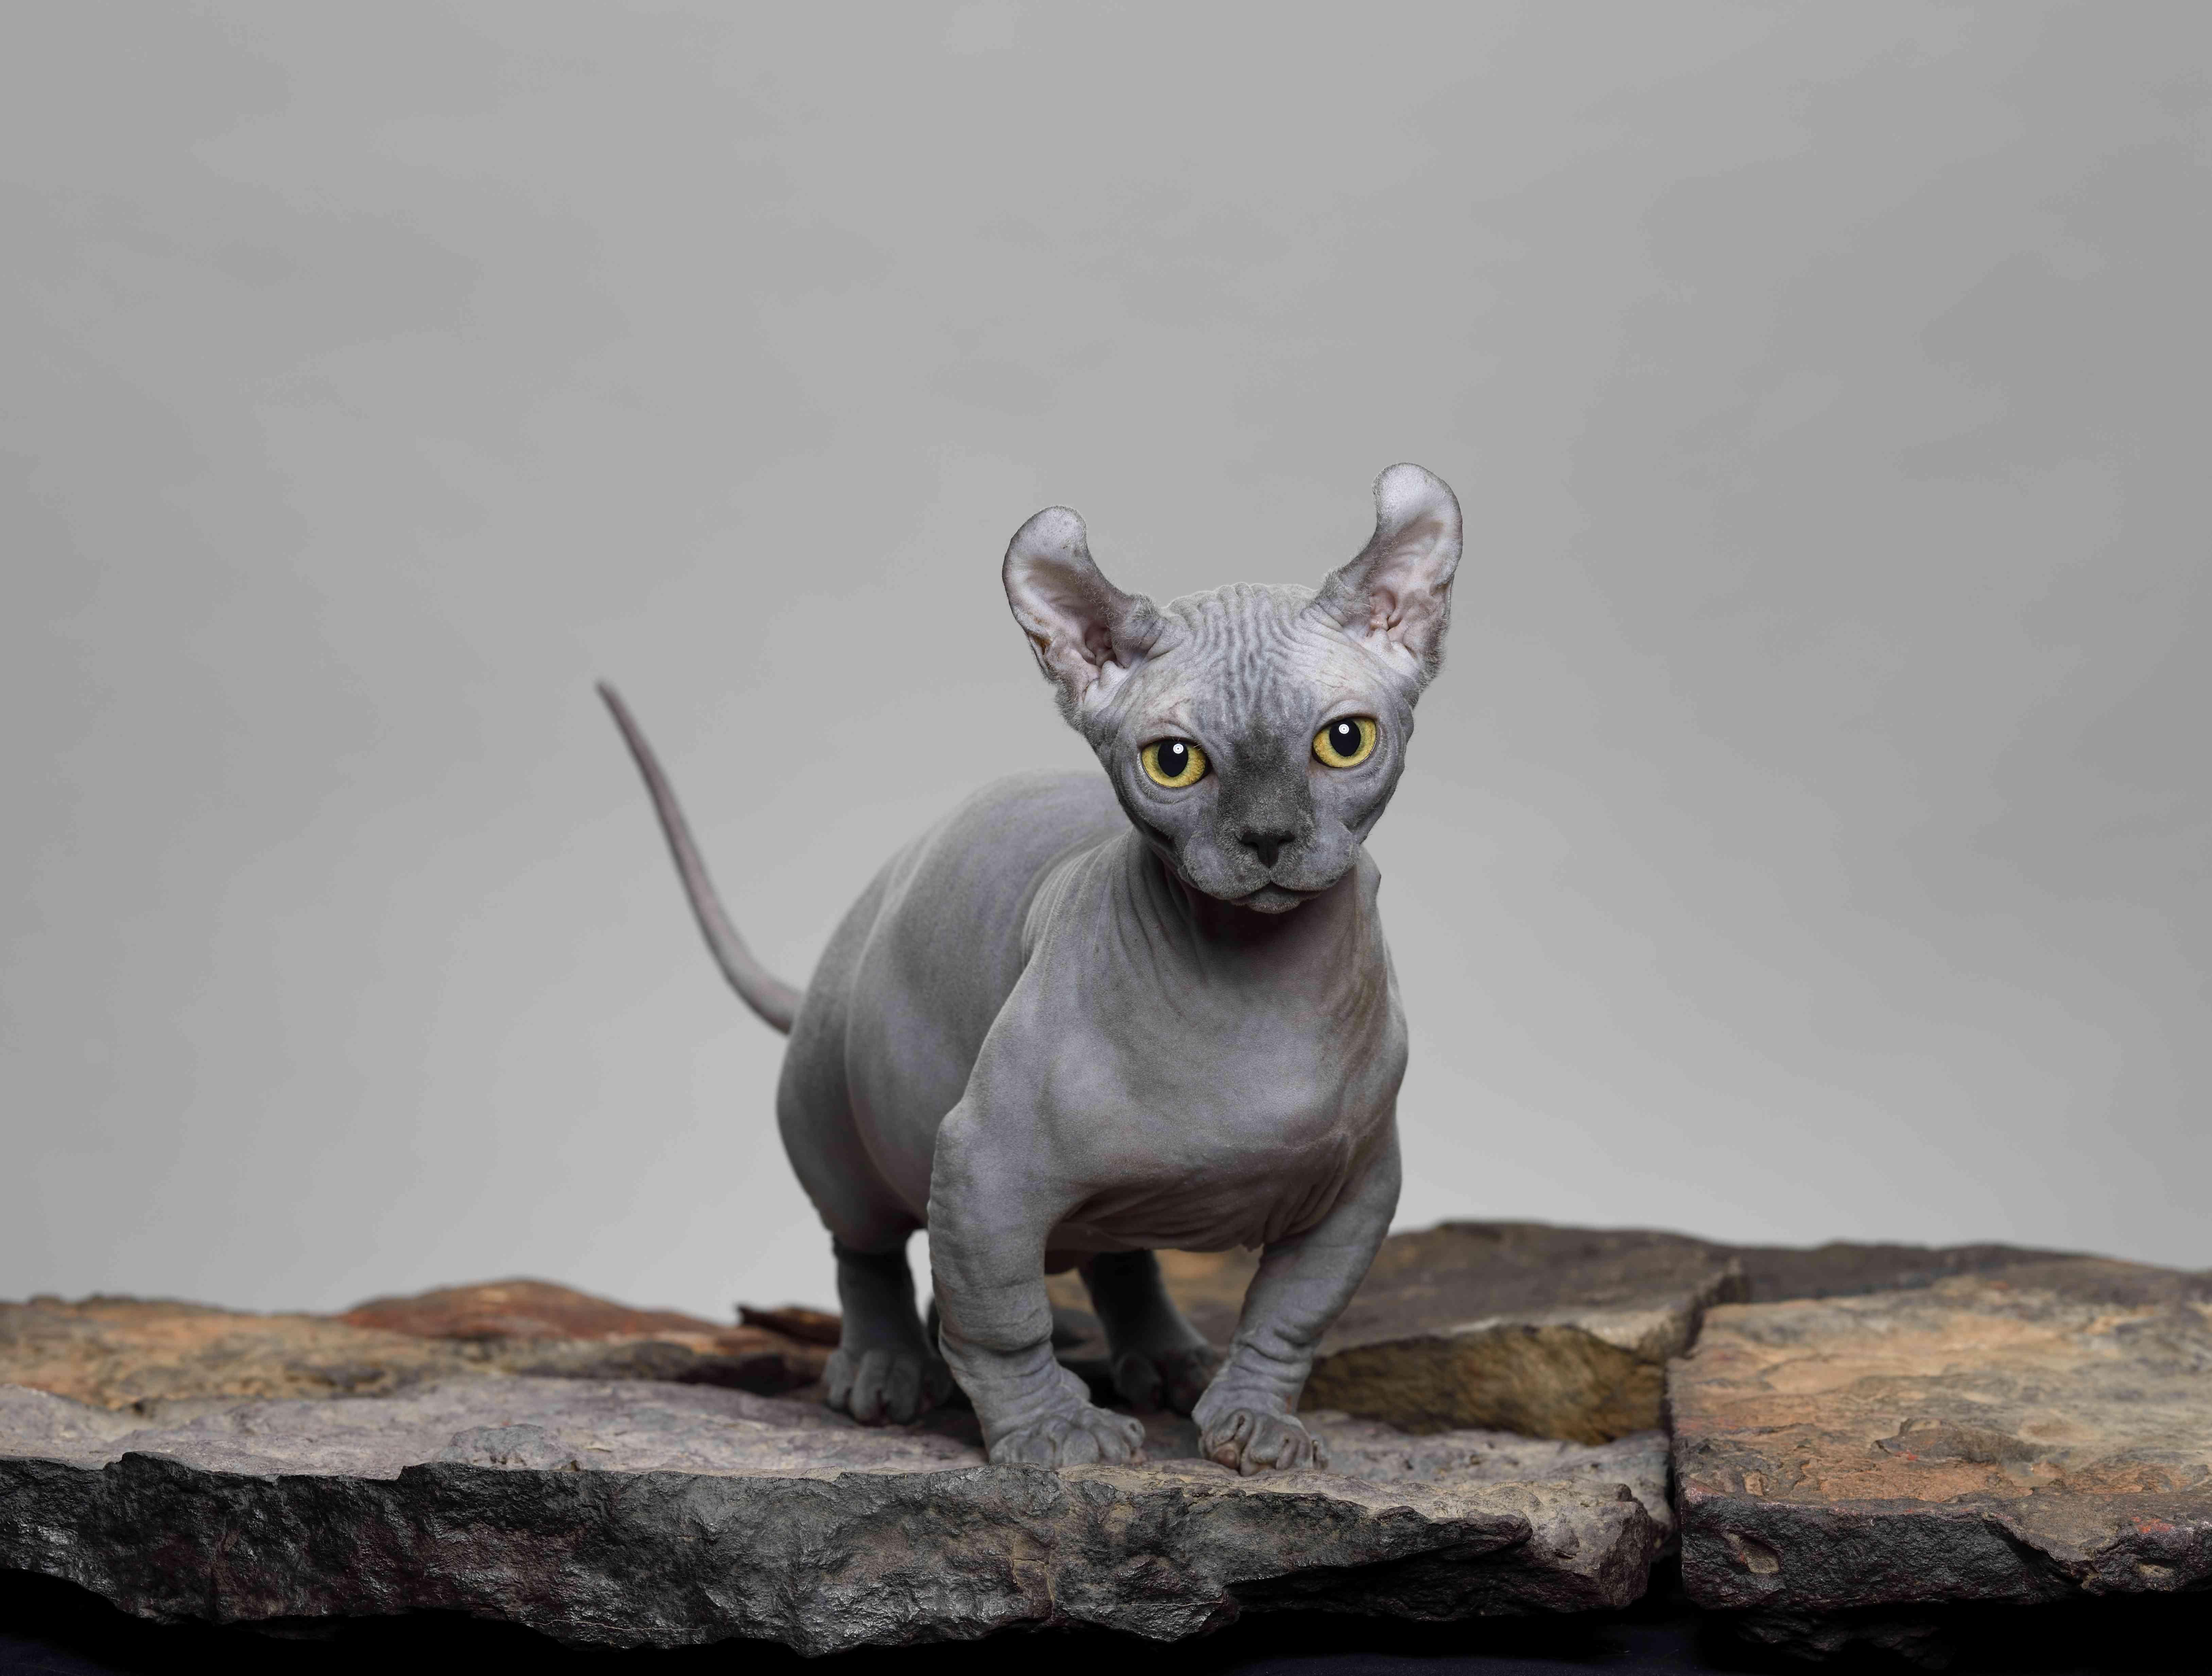 Dwelf Cat in the Studio